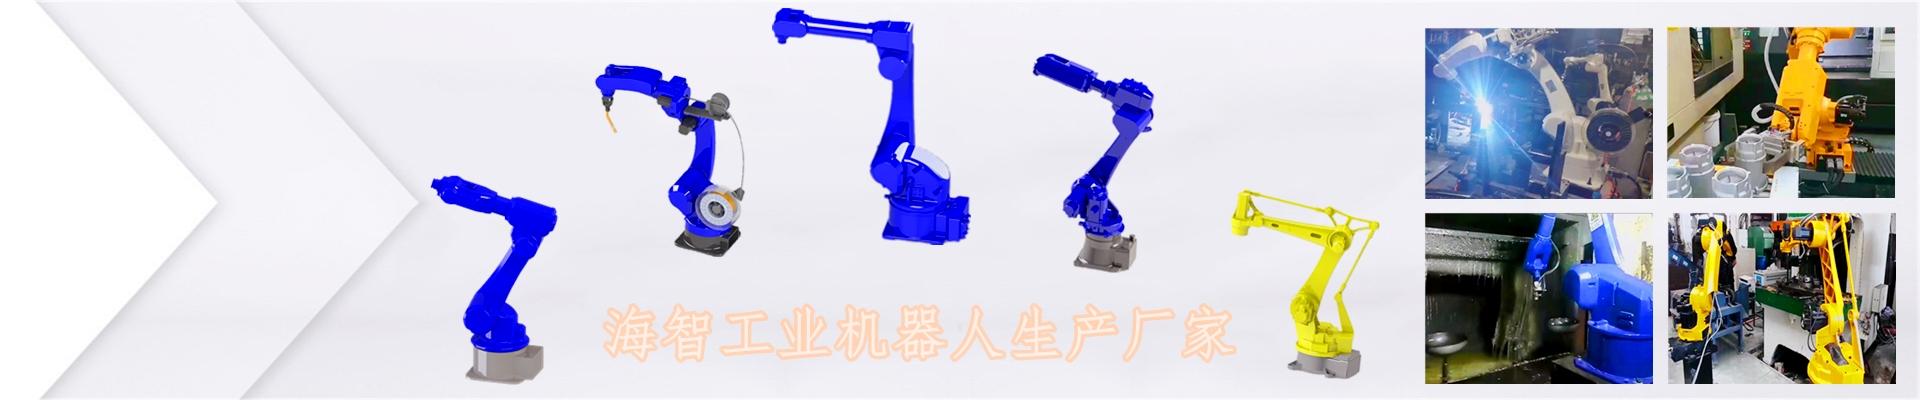 海智機器人官網